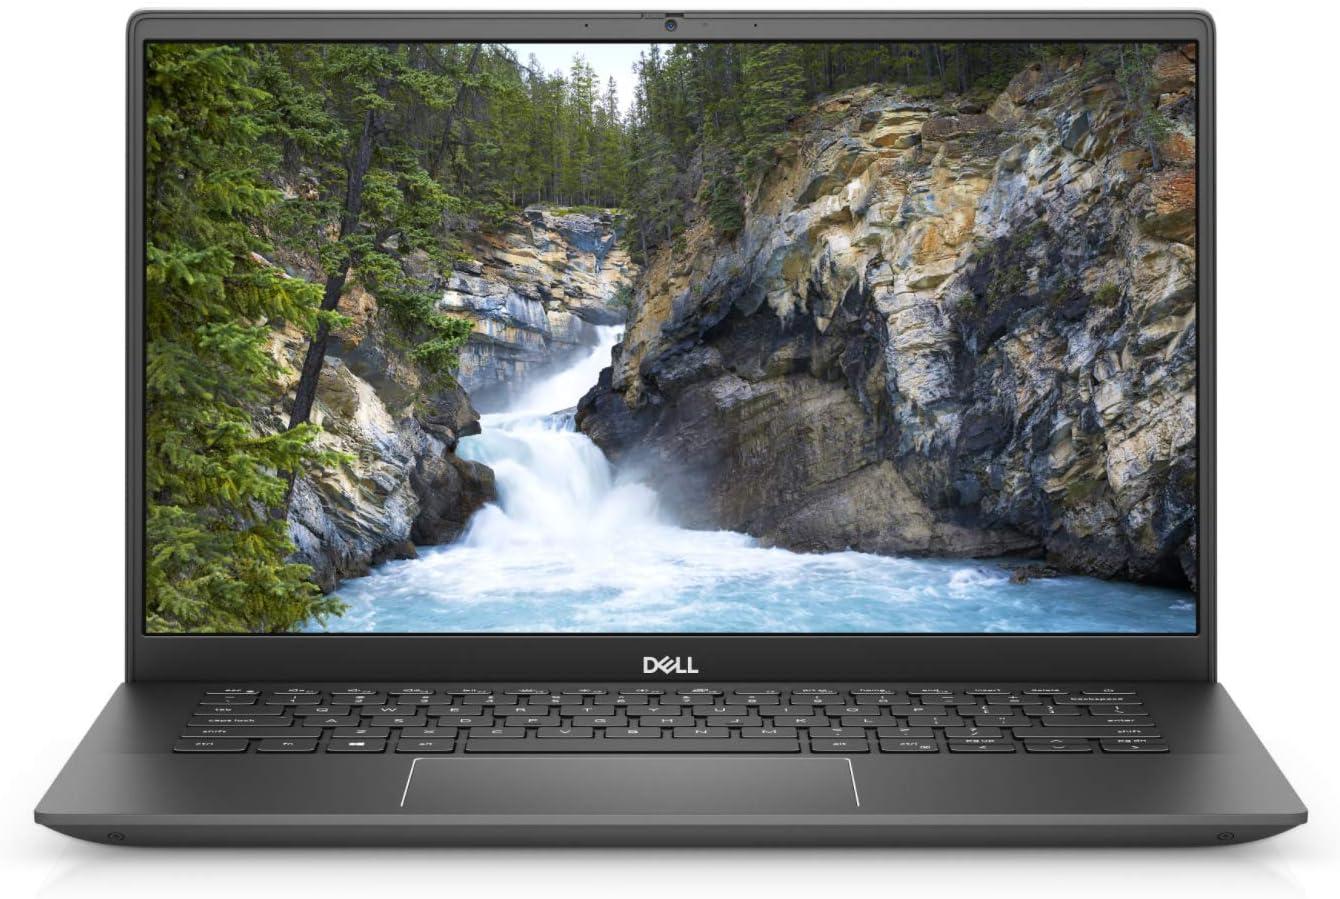 Dell Vostro 14 5402 (Latest Model) Core i7-1165G7 11th Gen IRIS XE 512GB PCIe SSD 16GB RAM FHD (1920x1080) Non Touch NVidia MX330 2GB Win 10 Pro (Renewed)